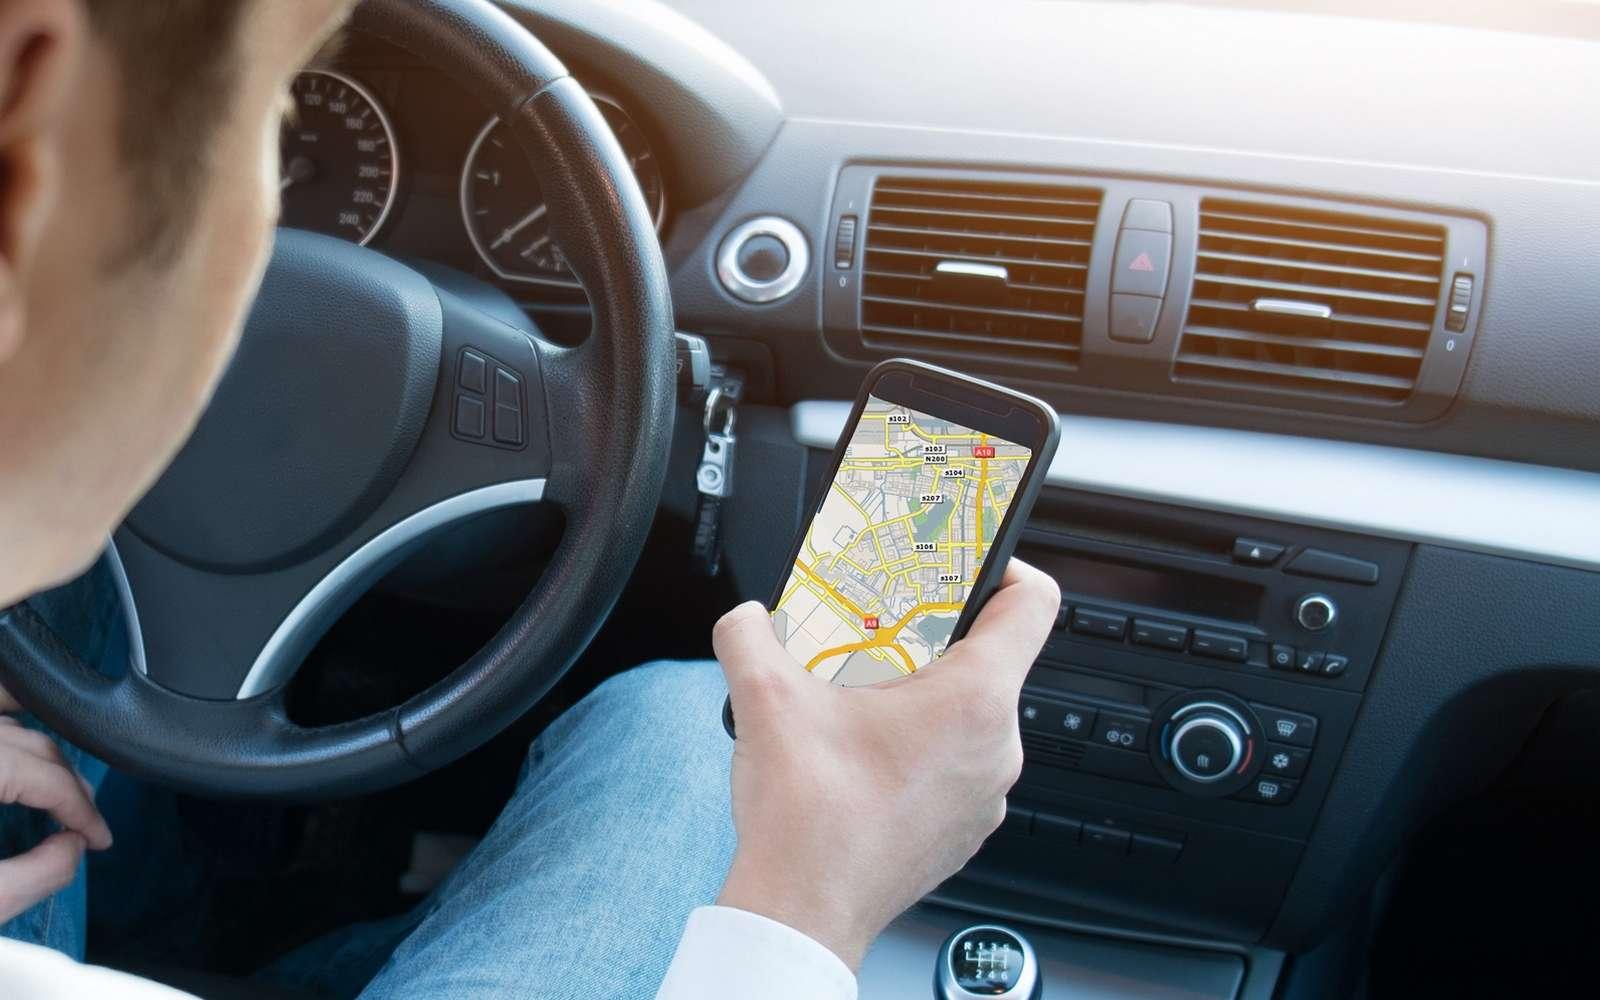 Le gain de précision des GPS de nos smartphones va principalement améliorer les services de navigation assistée. © Paolese, Fotolia